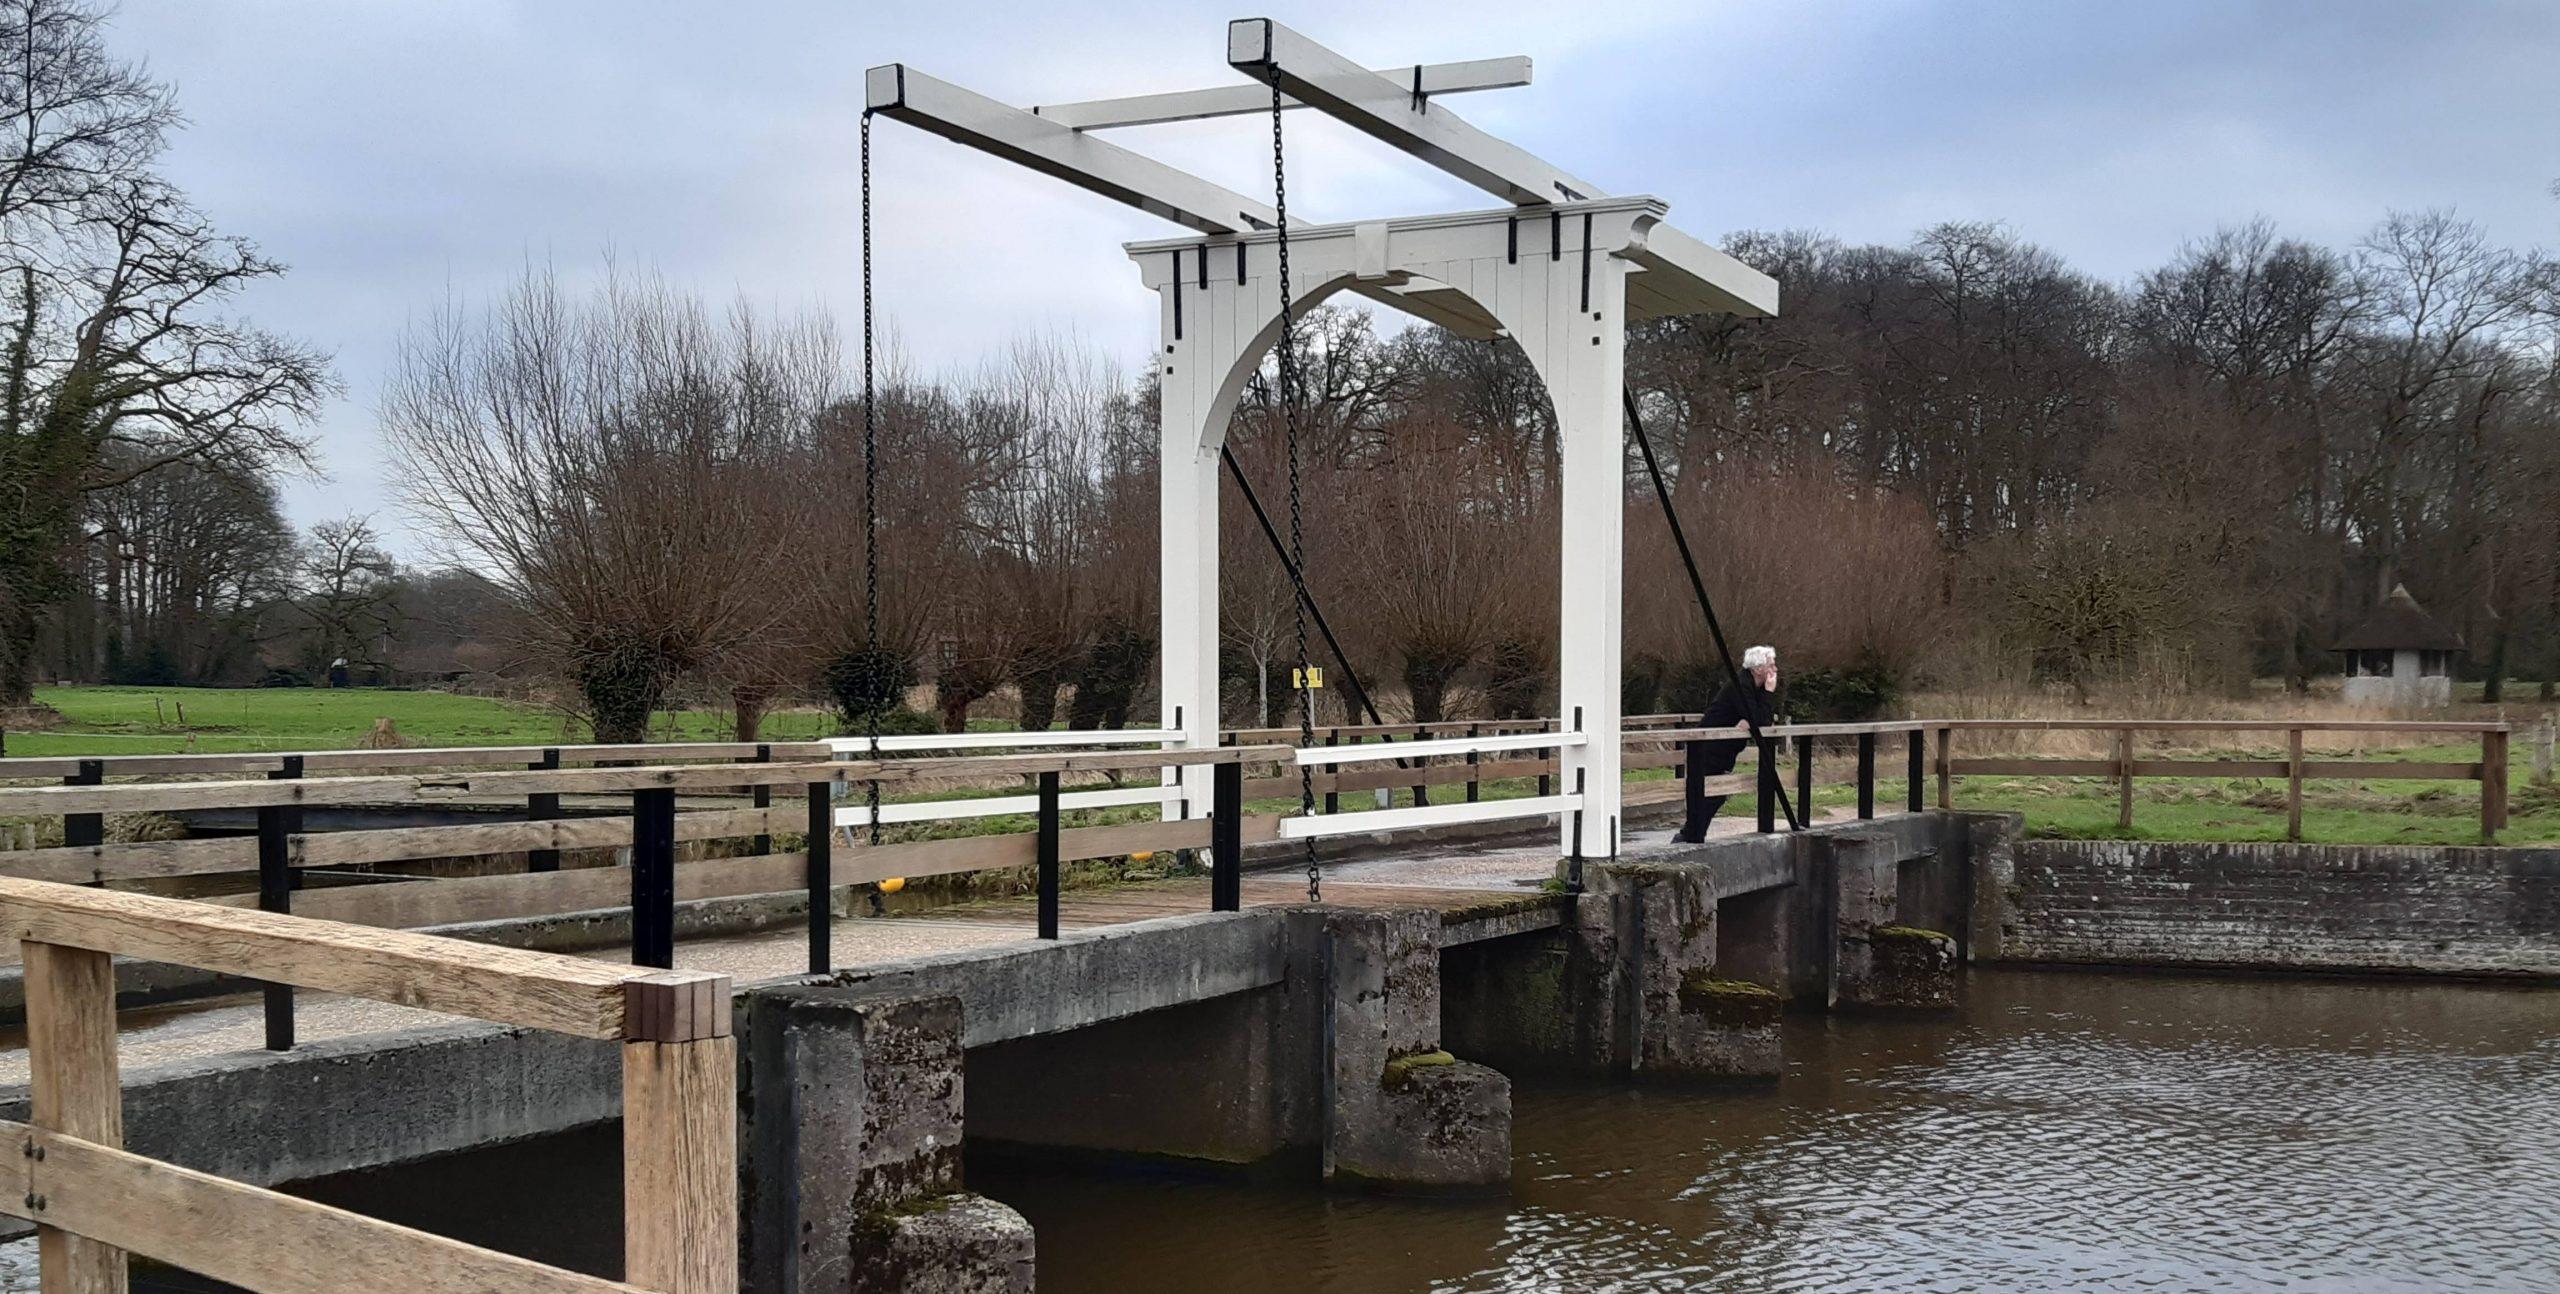 Rinnie's blog – De koppige boer en het bruggetje over het water